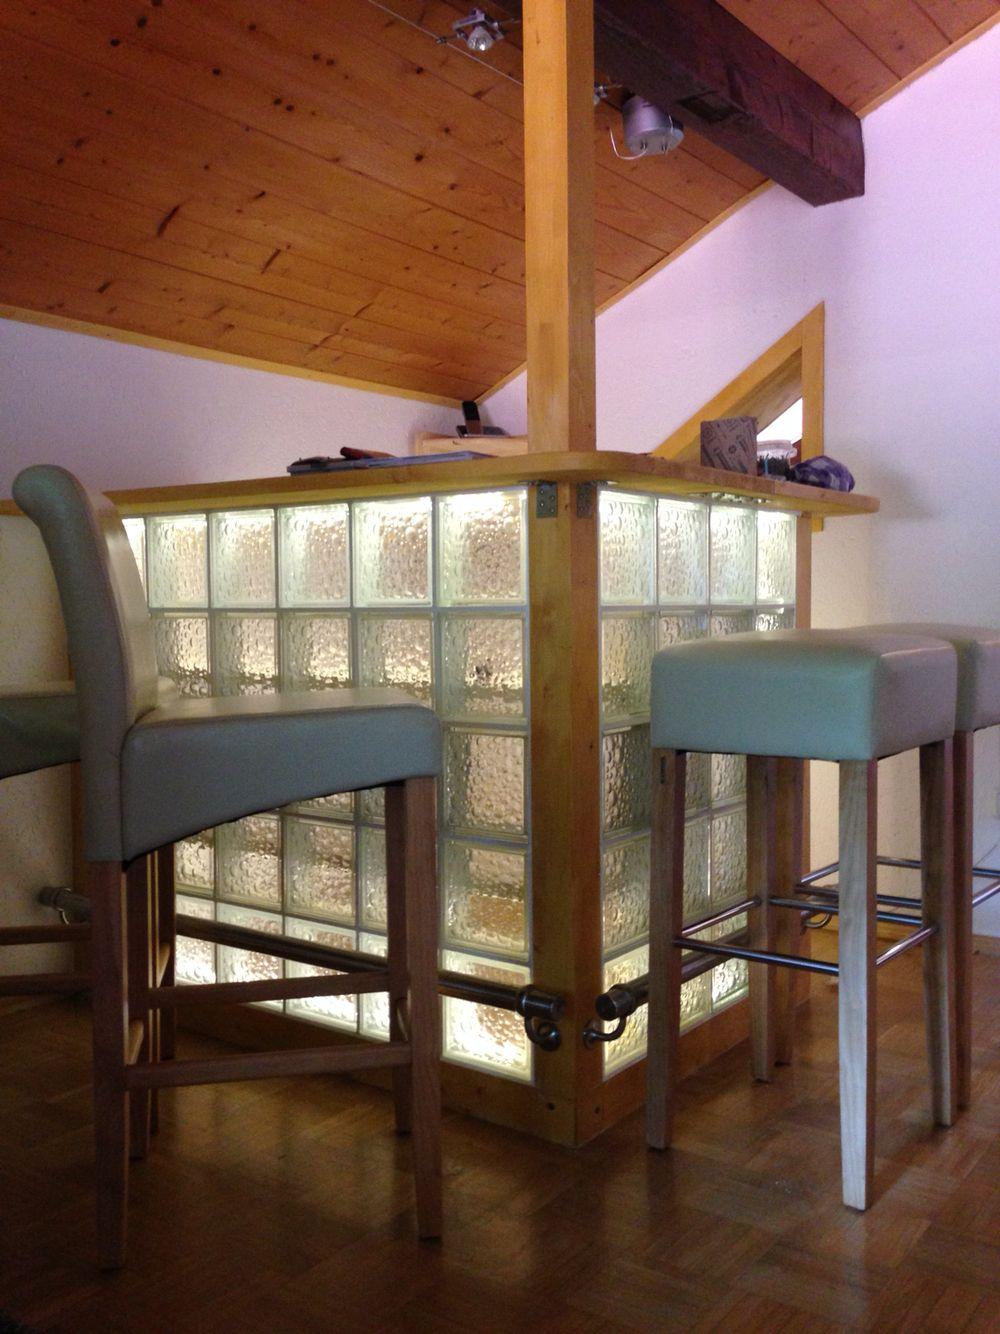 Full Size of Diy Bar Mit Glasbausteine Dusche Einbauen Regale Selber Bauen Einbauküche Fliesenspiegel Küche Machen Fenster Rolladen Nachträglich Kosten Bett Wohnzimmer Küchentheke Selber Bauen